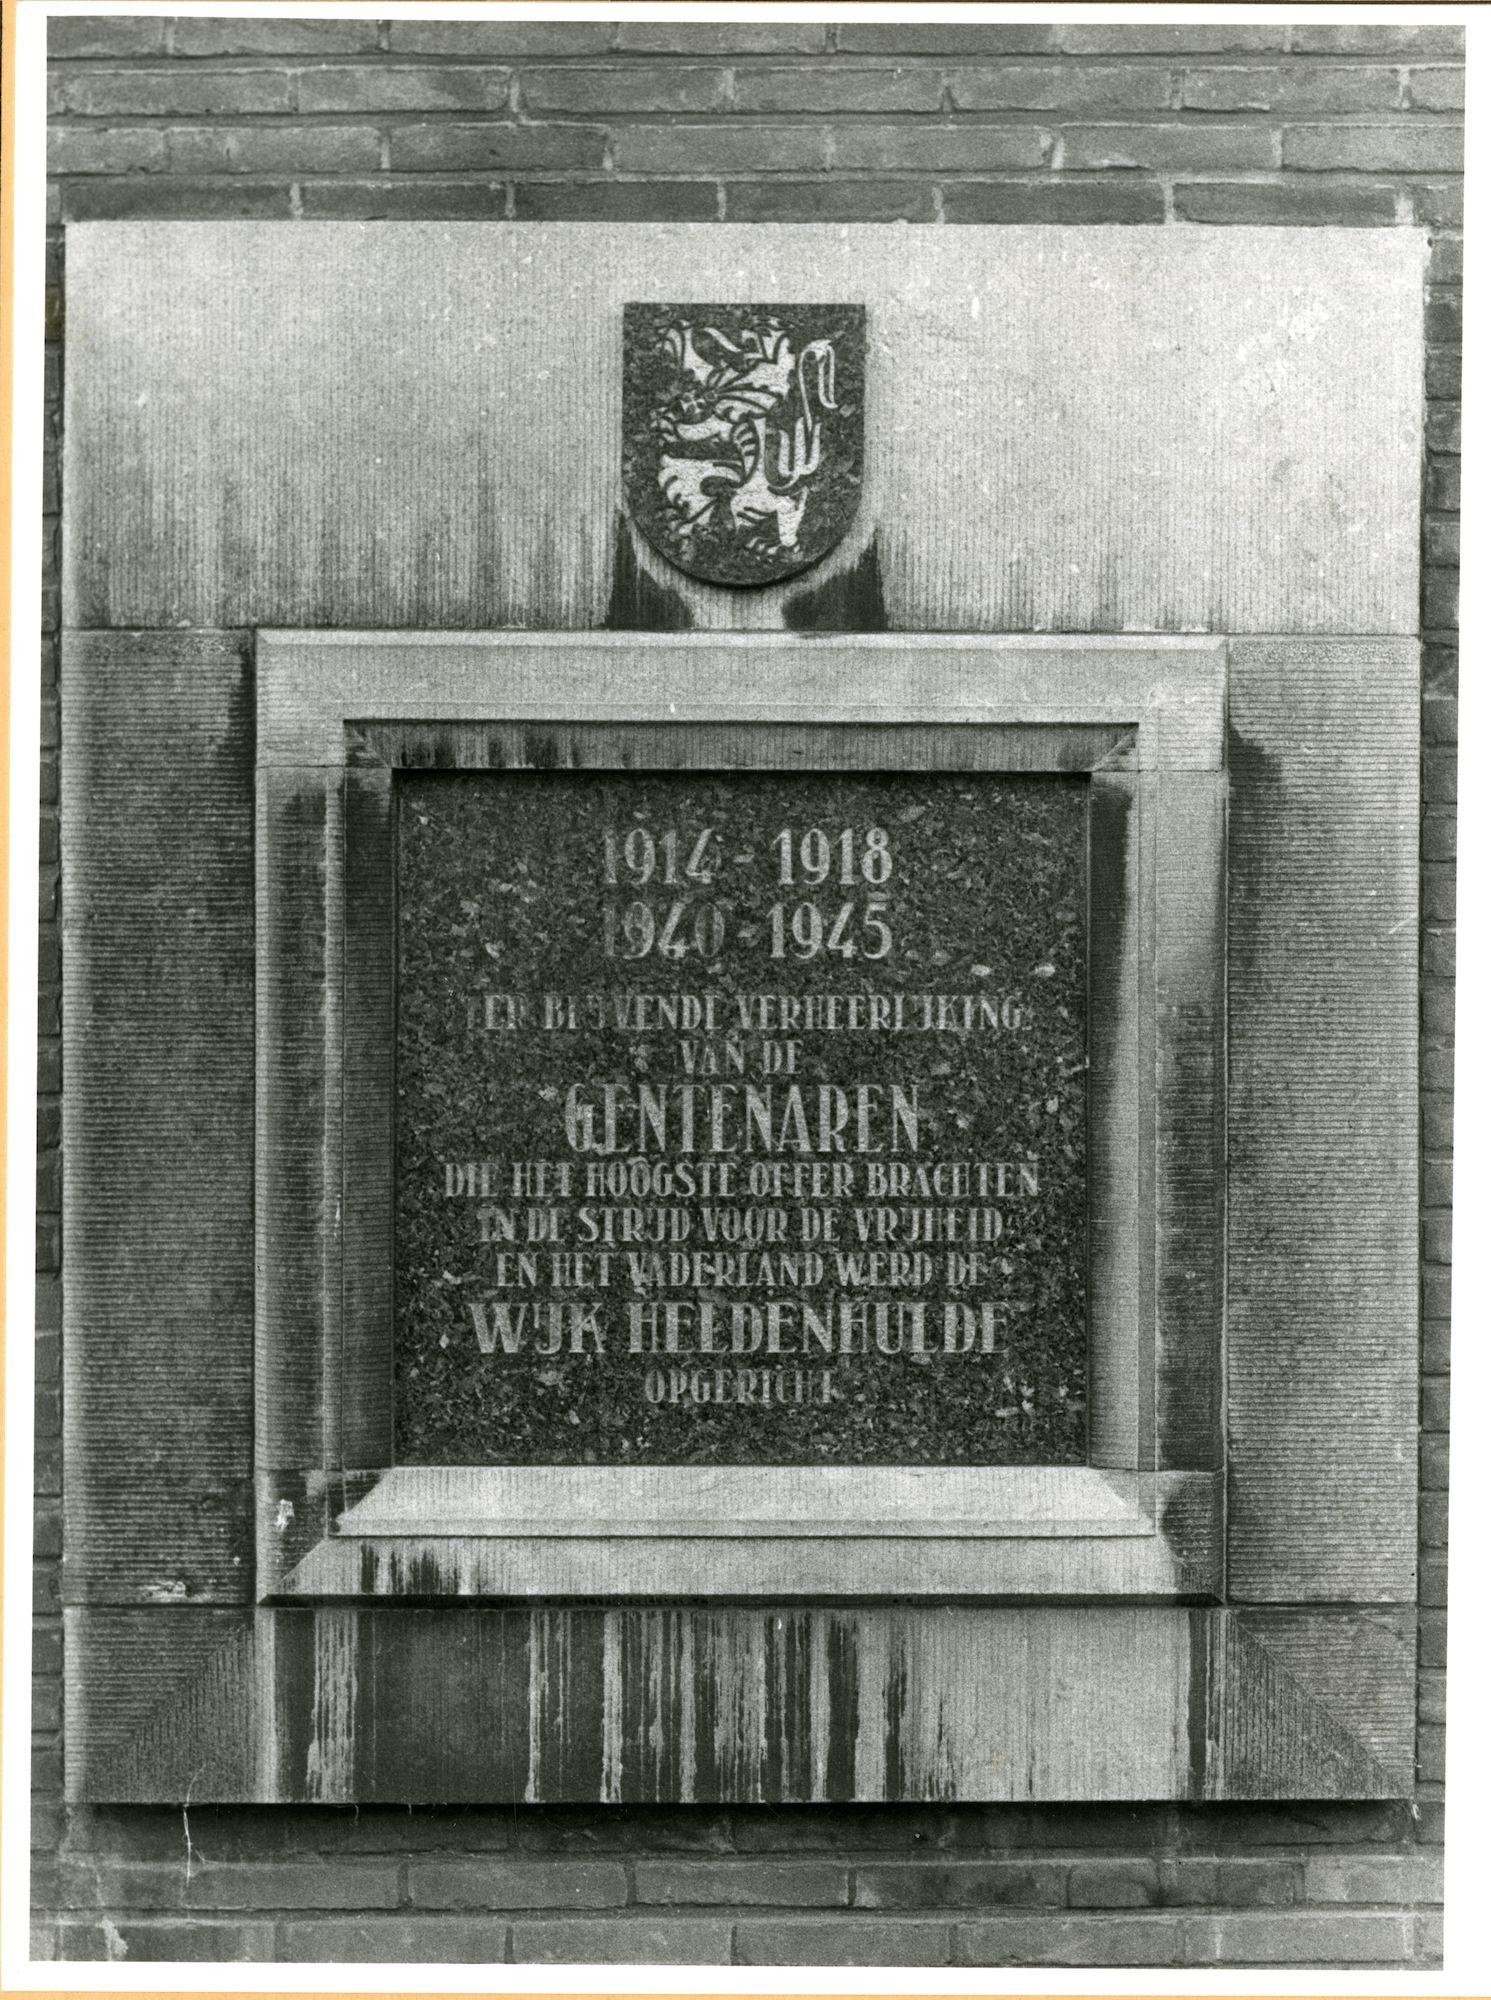 Gent: Houtemlaan 4: Oorlogsgedenkplaat, 1979